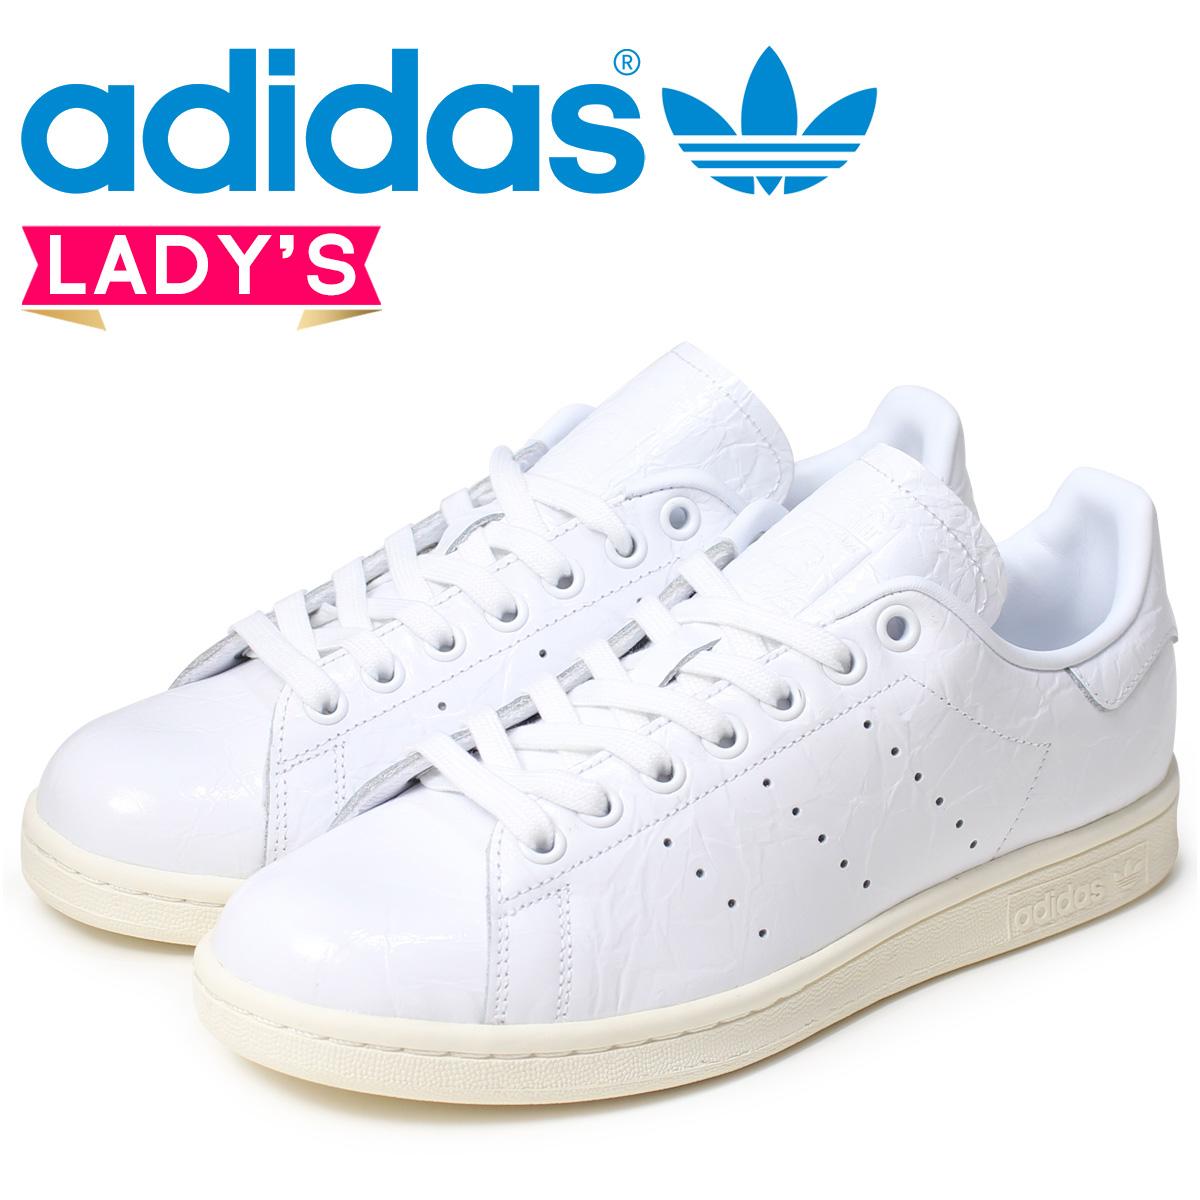 Load White1222 Sneakers Originals Stan Adidas Smith Lady's Shoes Bb5162 Shinnyu W tshdrQC